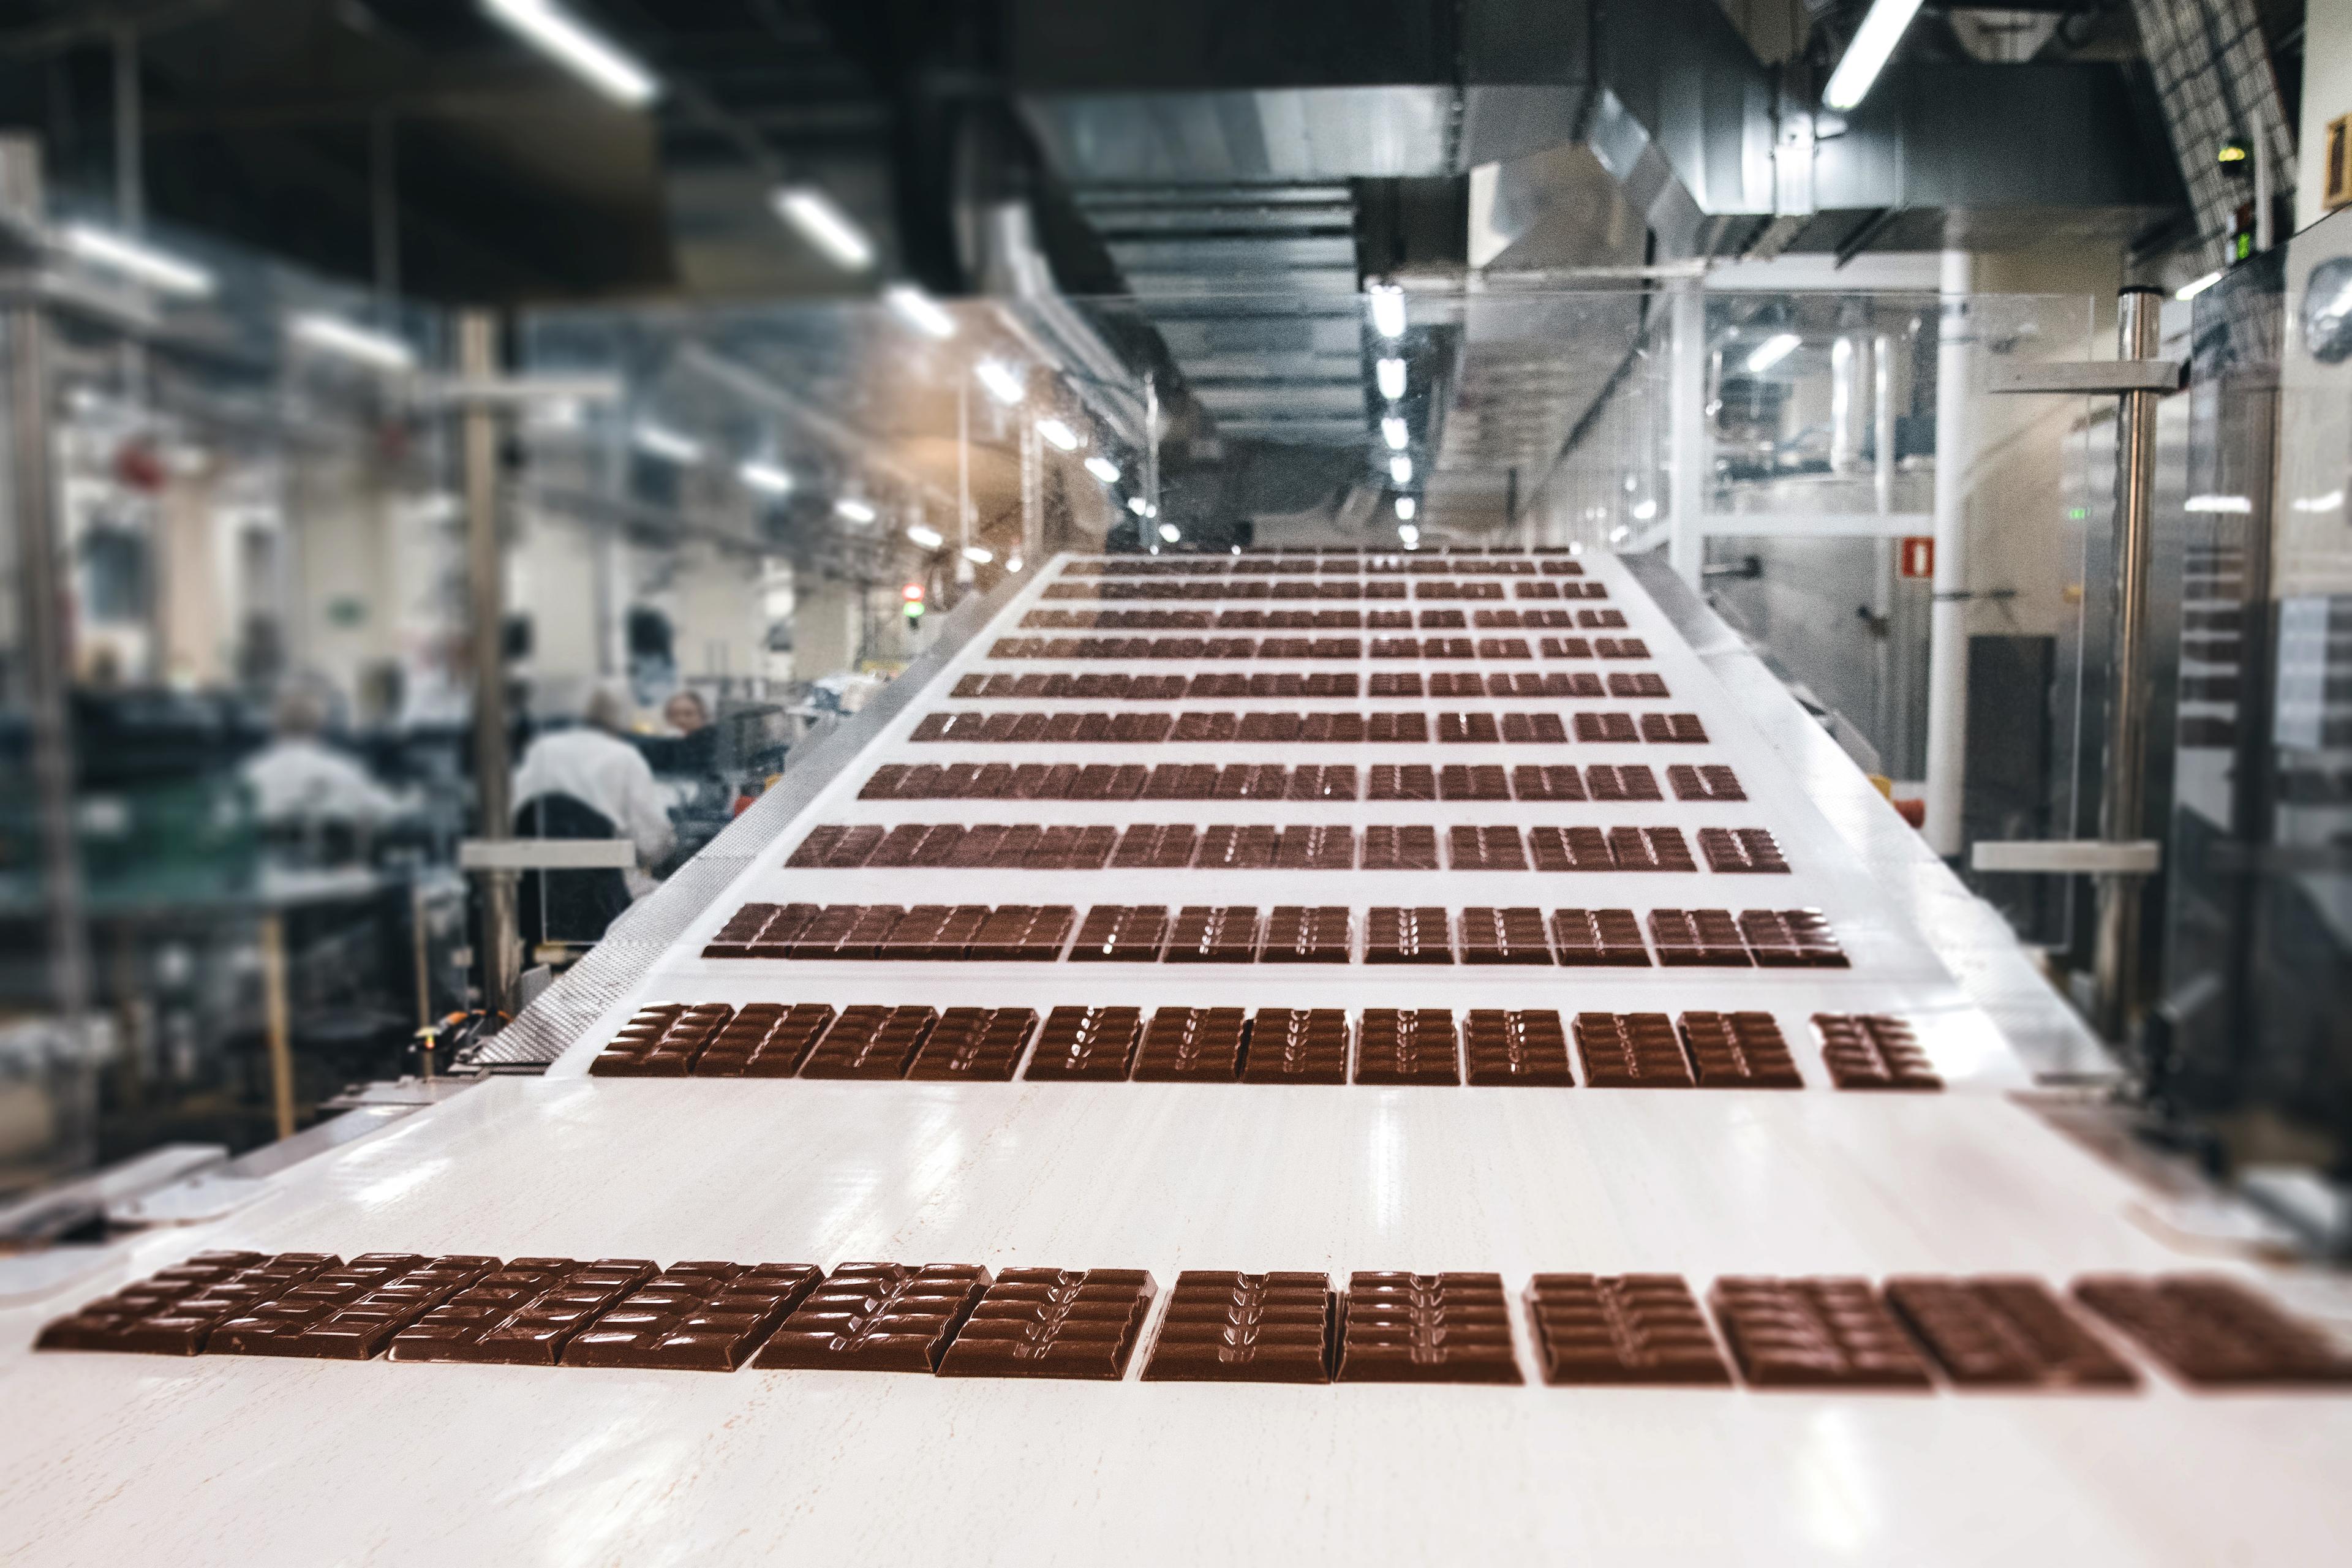 Rynek czekoladowy w nowej rzeczywistości